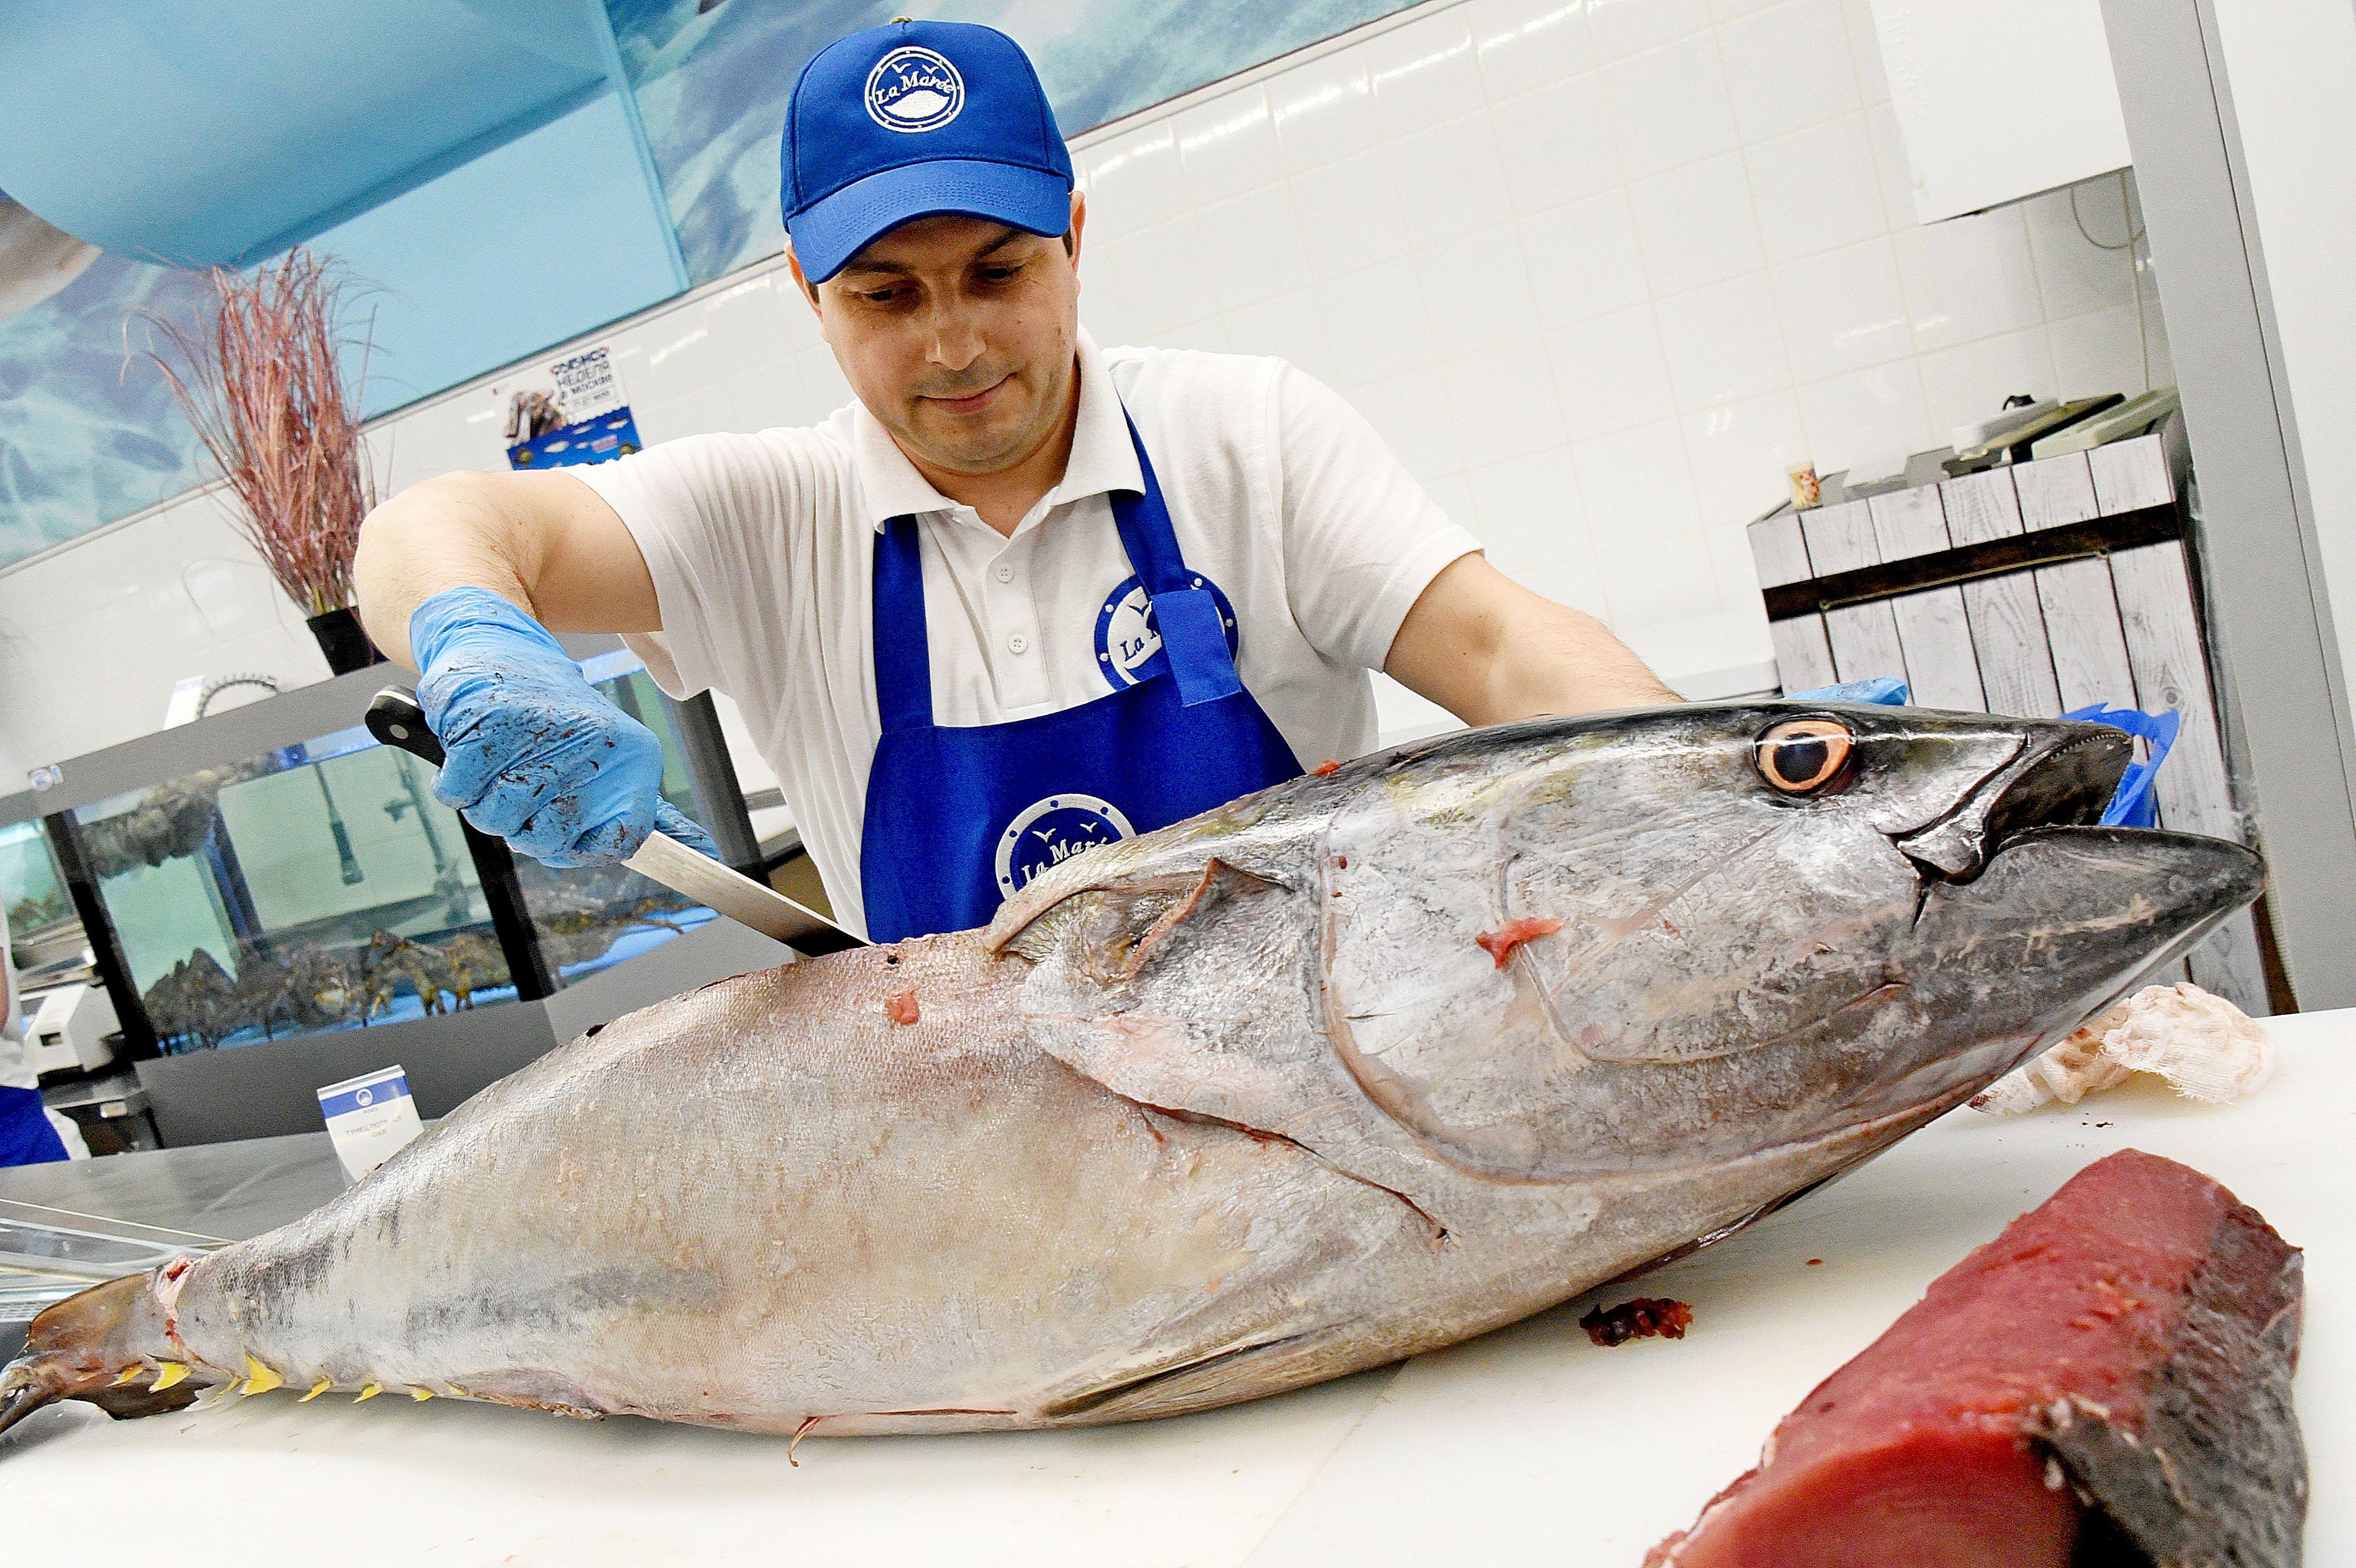 Фестиваль «Рыбная неделя» накормит москвичей колбасой из африканского сома